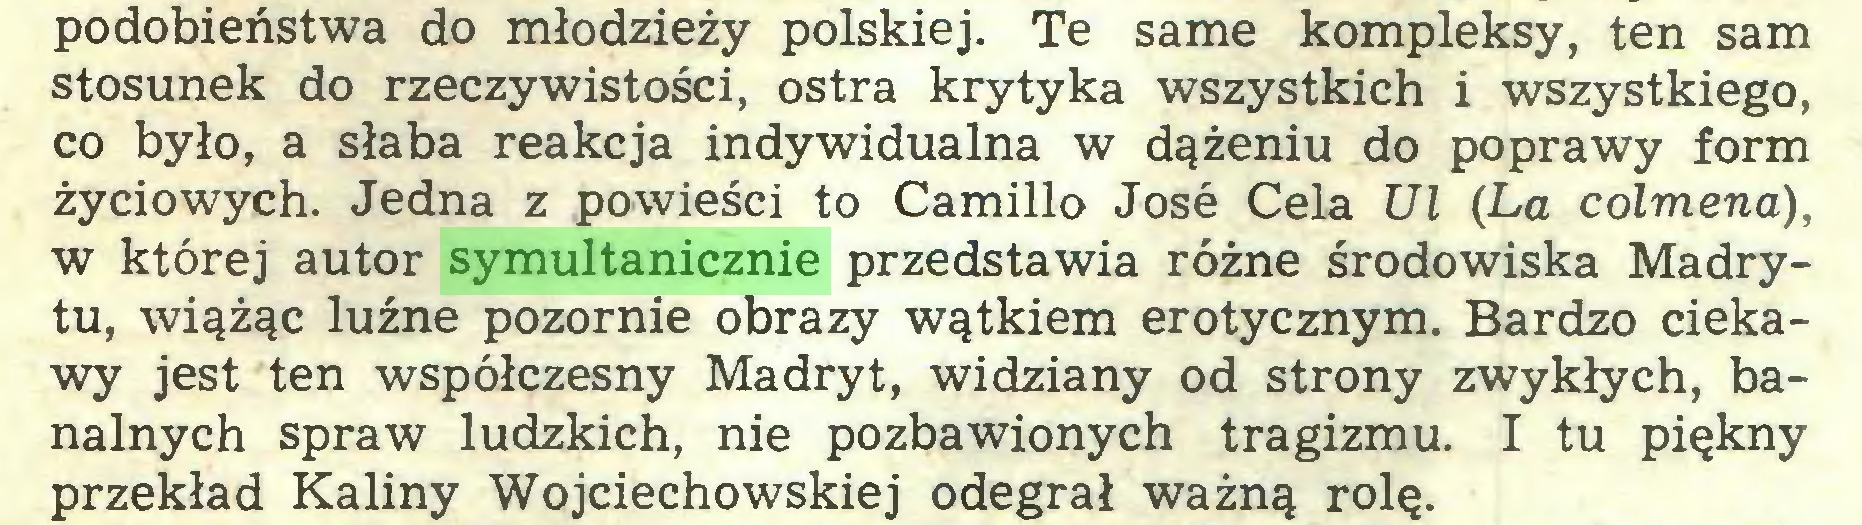 (...) podobieństwa do młodzieży polskiej. Te same kompleksy, ten sam stosunek do rzeczywistości, ostra krytyka wszystkich i wszystkiego, co było, a słaba reakcja indywidualna w dążeniu do poprawy form życiowych. Jedna z powieści to Camillo Jose Cela Ul (La colmena), w której autor symultanicznie przedstawia różne środowiska Madrytu, wiążąc luźne pozornie obrazy wątkiem erotycznym. Bardzo ciekawy jest ten współczesny Madryt, widziany od strony zwykłych, banalnych spraw ludzkich, nie pozbawionych tragizmu. I tu piękny przekład Kaliny Wojciechowskiej odegrał ważną rolę...